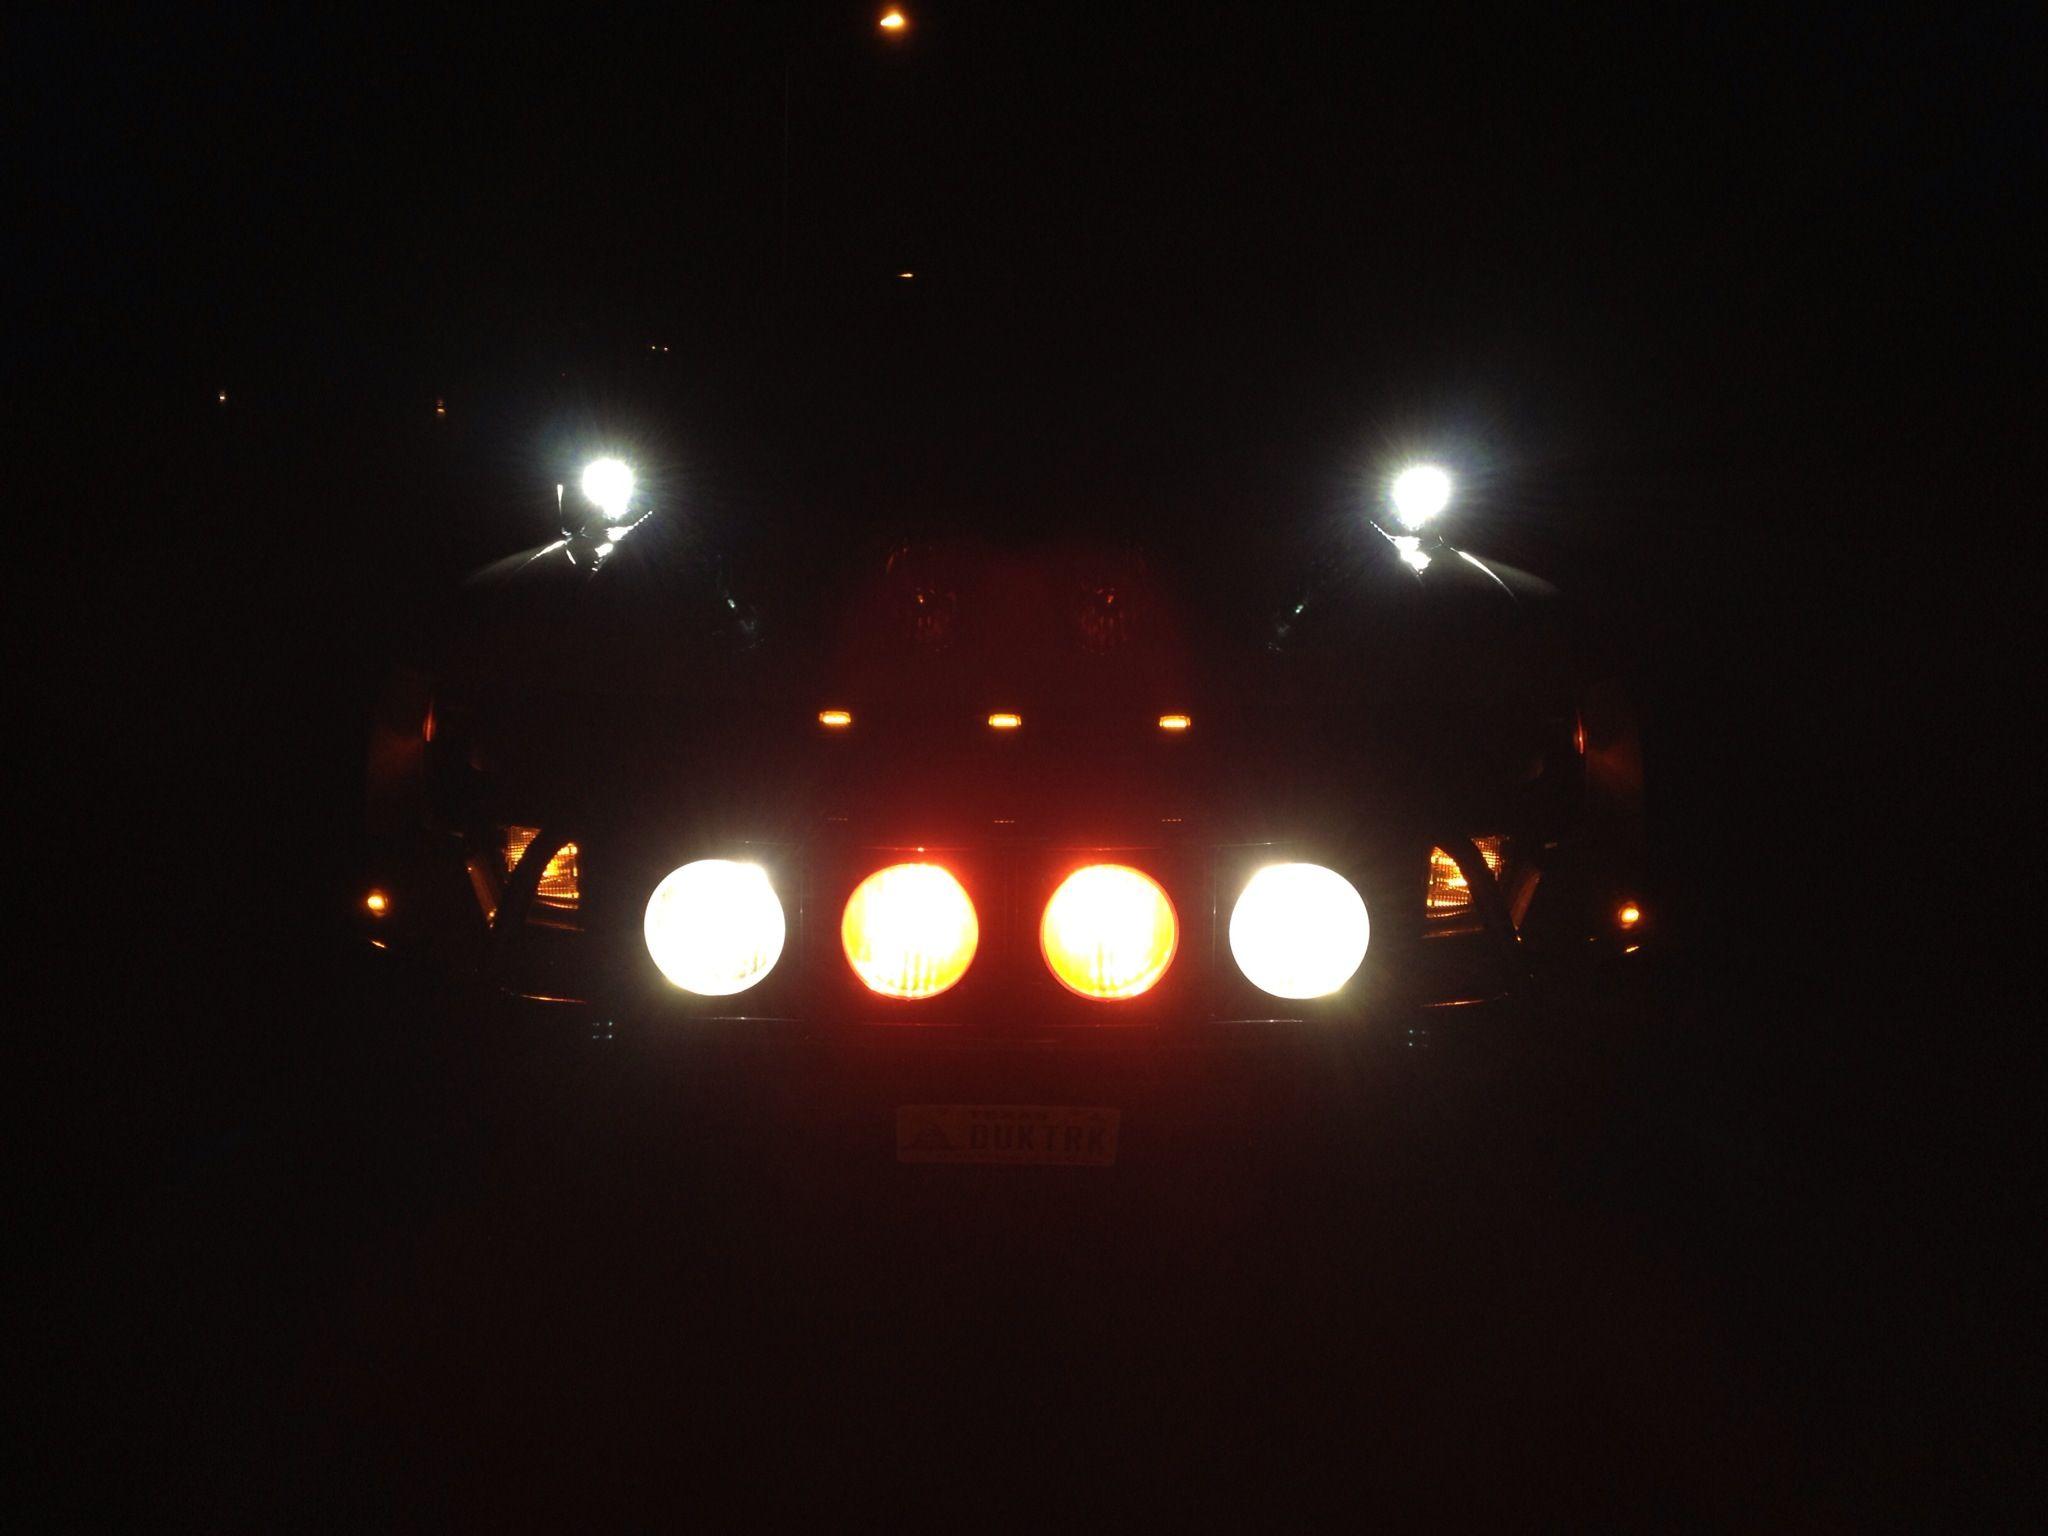 DUK hunting at night....